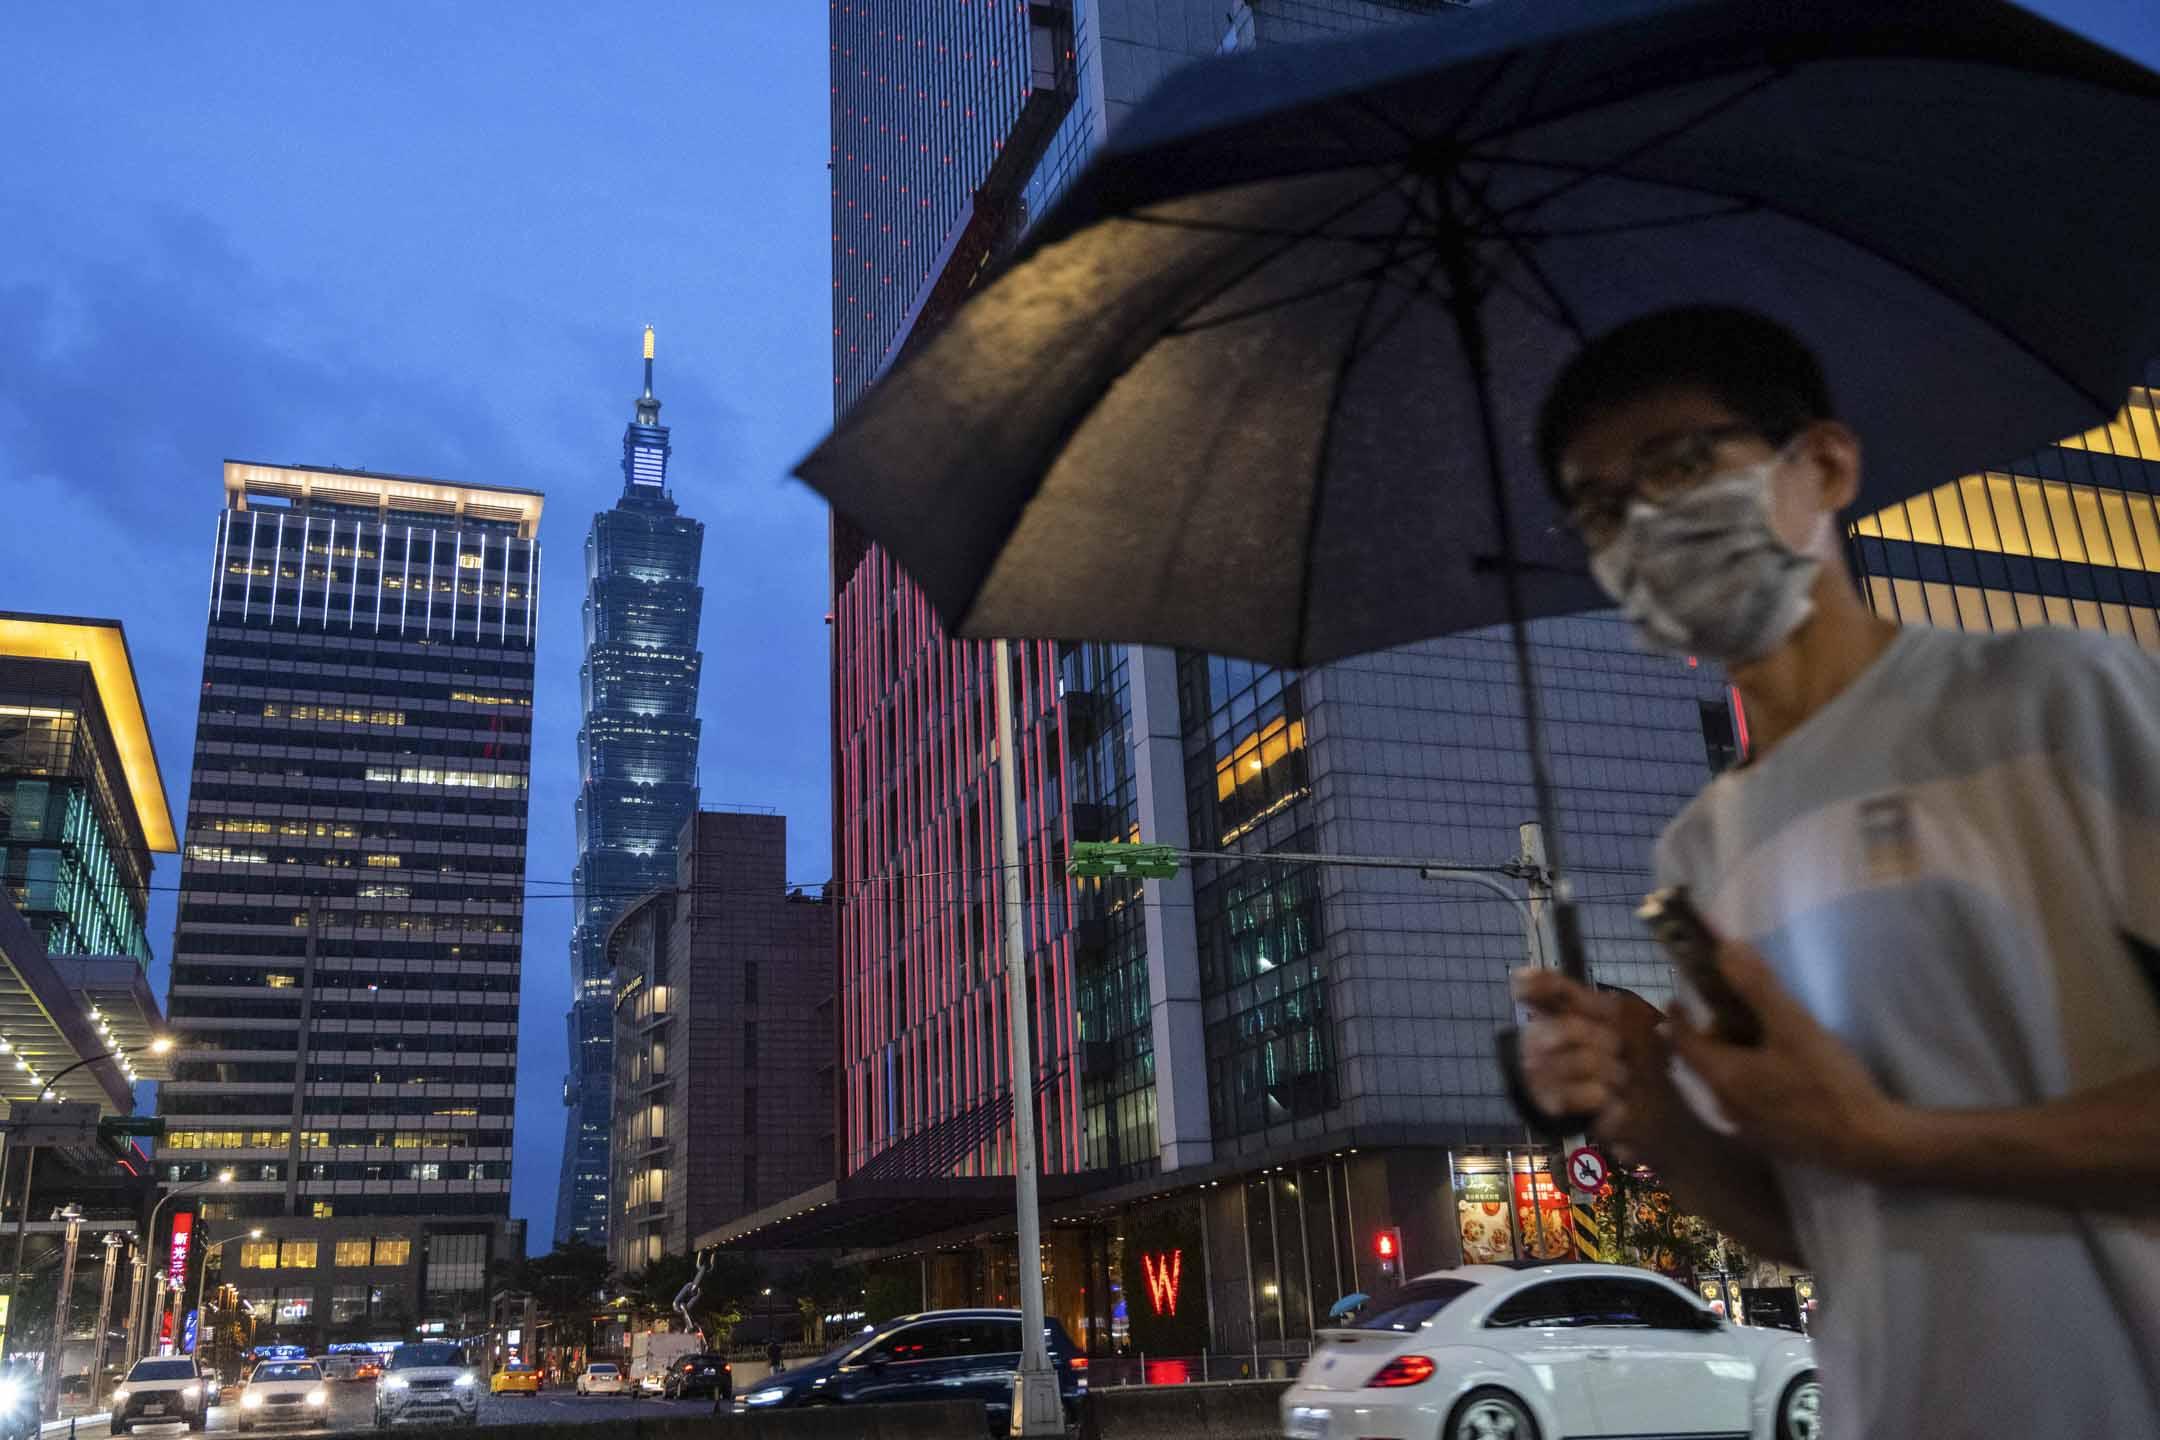 2021年5月21日,一名戴著口罩的行人時舉著雨傘經過台北 101 大樓前。 攝:Billy H.C. Kwok/Bloomberg via Getty Images